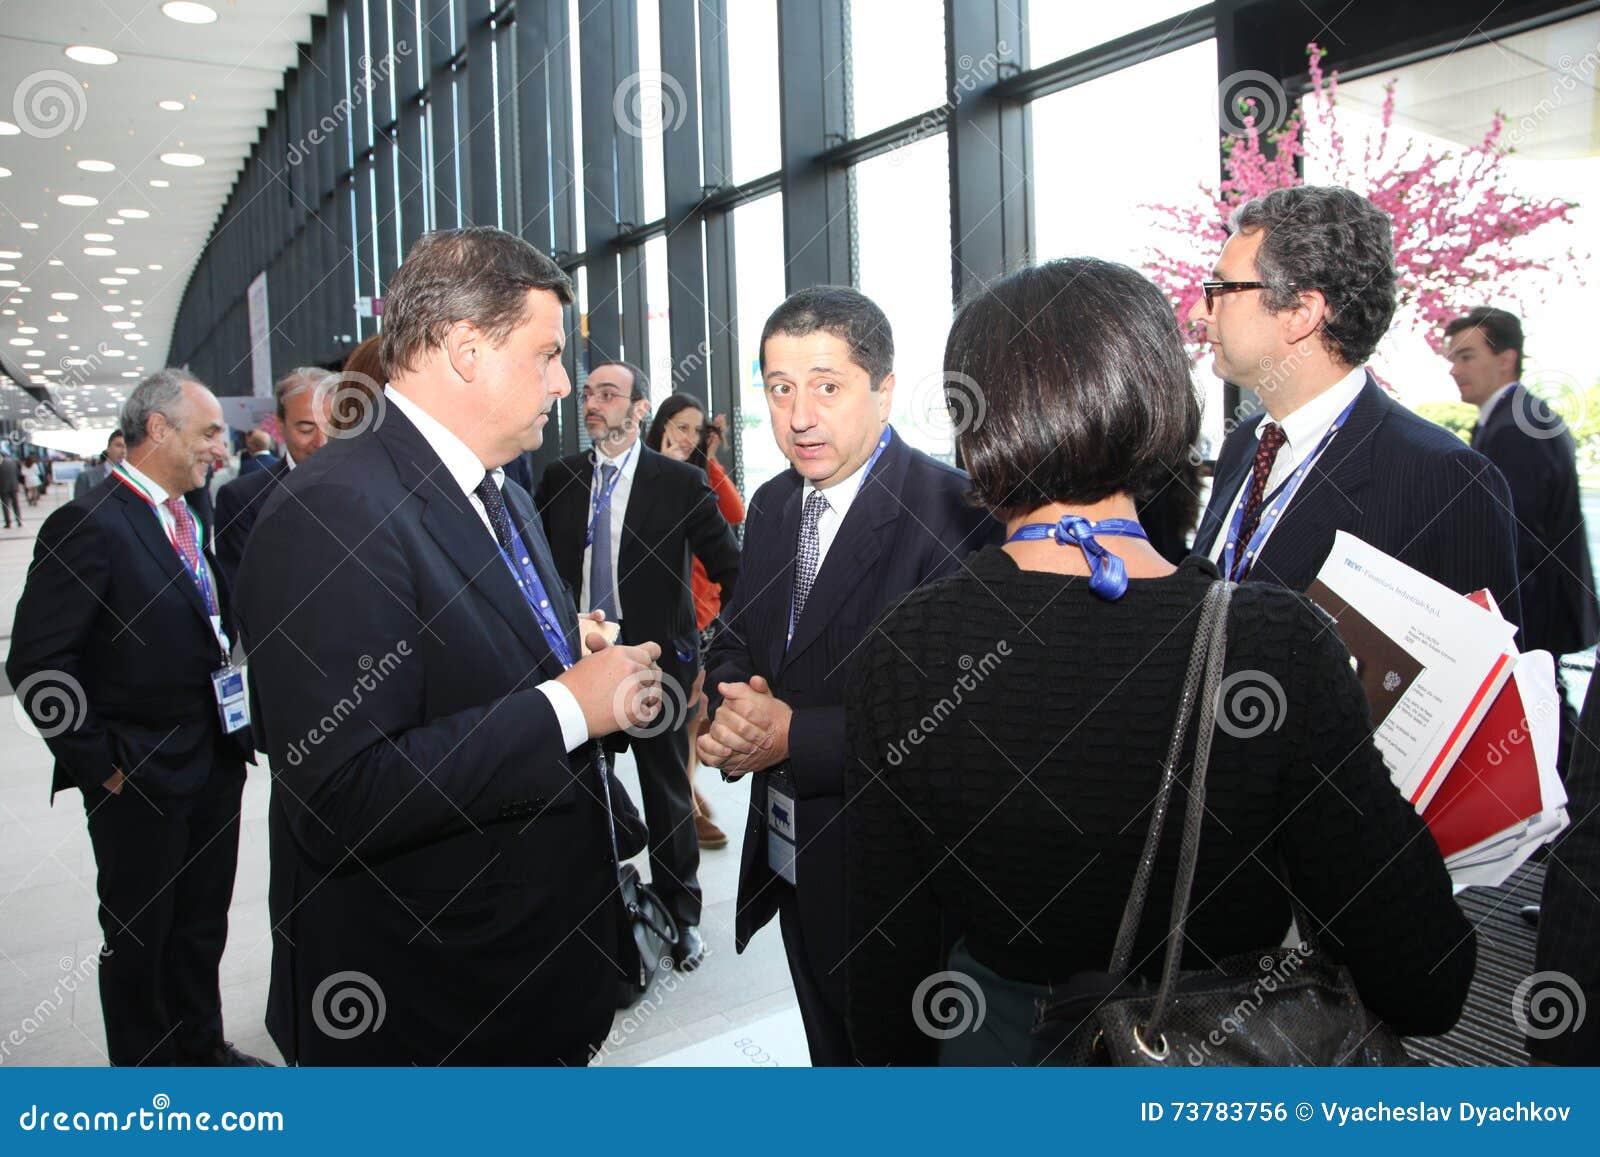 XX Świątobliwy Petersburg międzynarodowy ekonomiczny forum (SPIEF 2016 Rosja) goście, goście i uczestnicy forum,